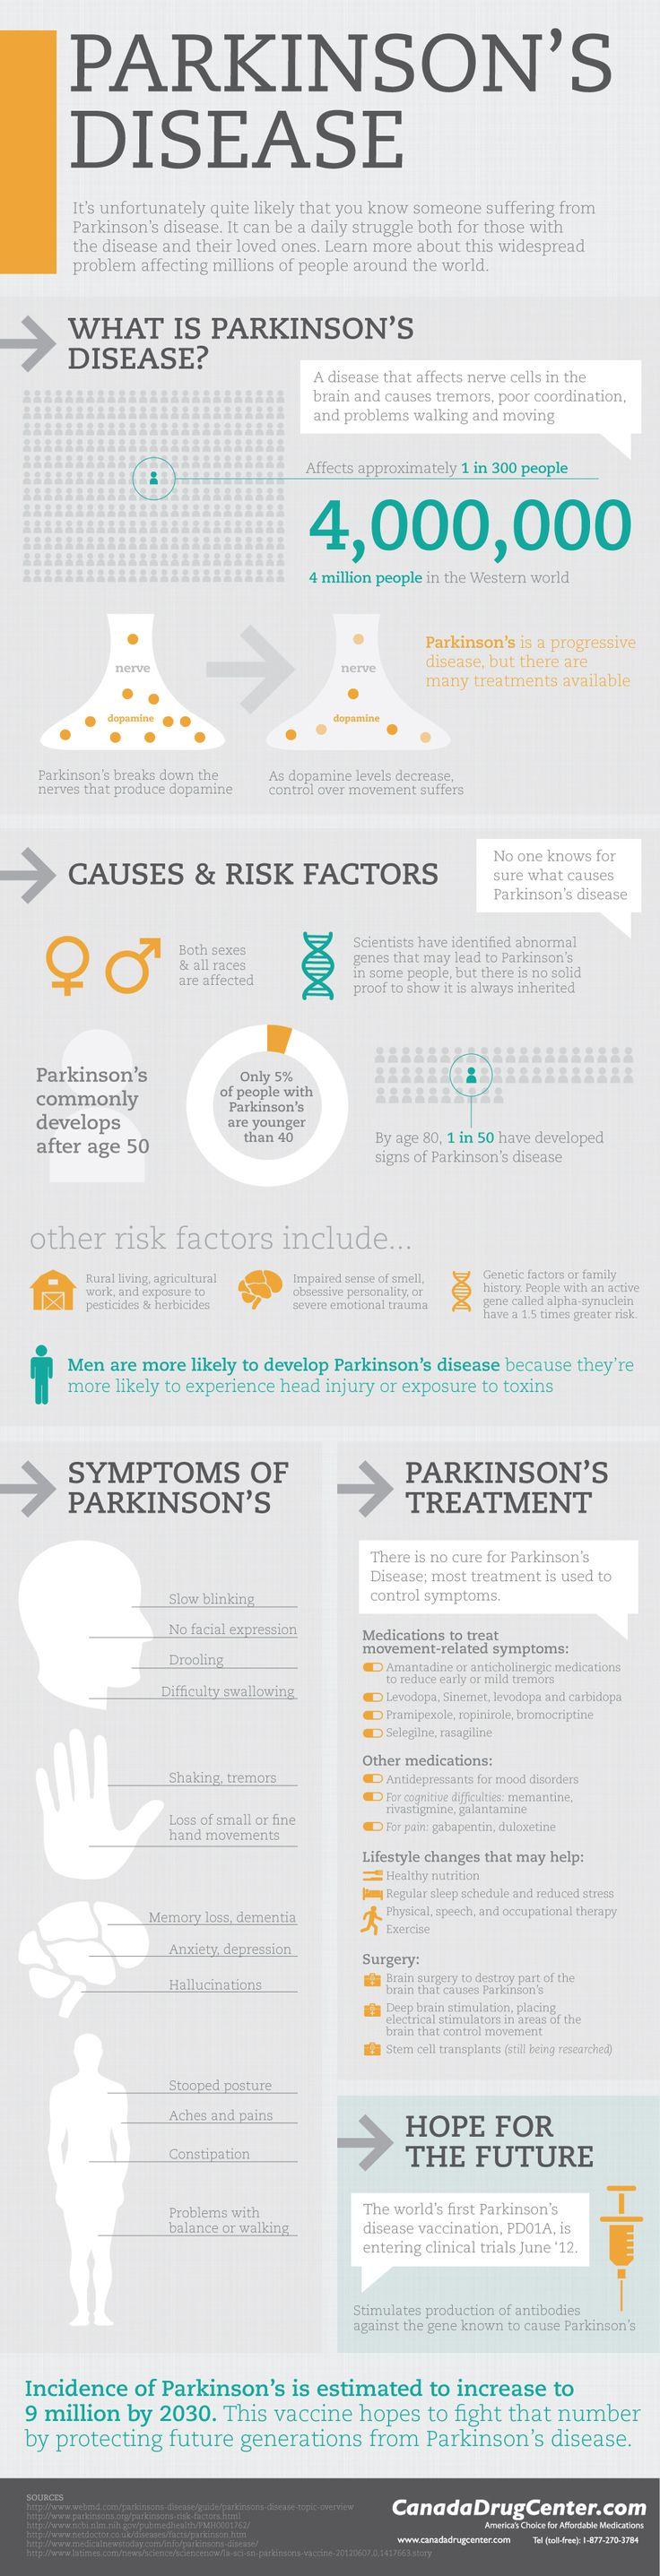 Parkinson's Disease: Causes, Symptoms, Treatment